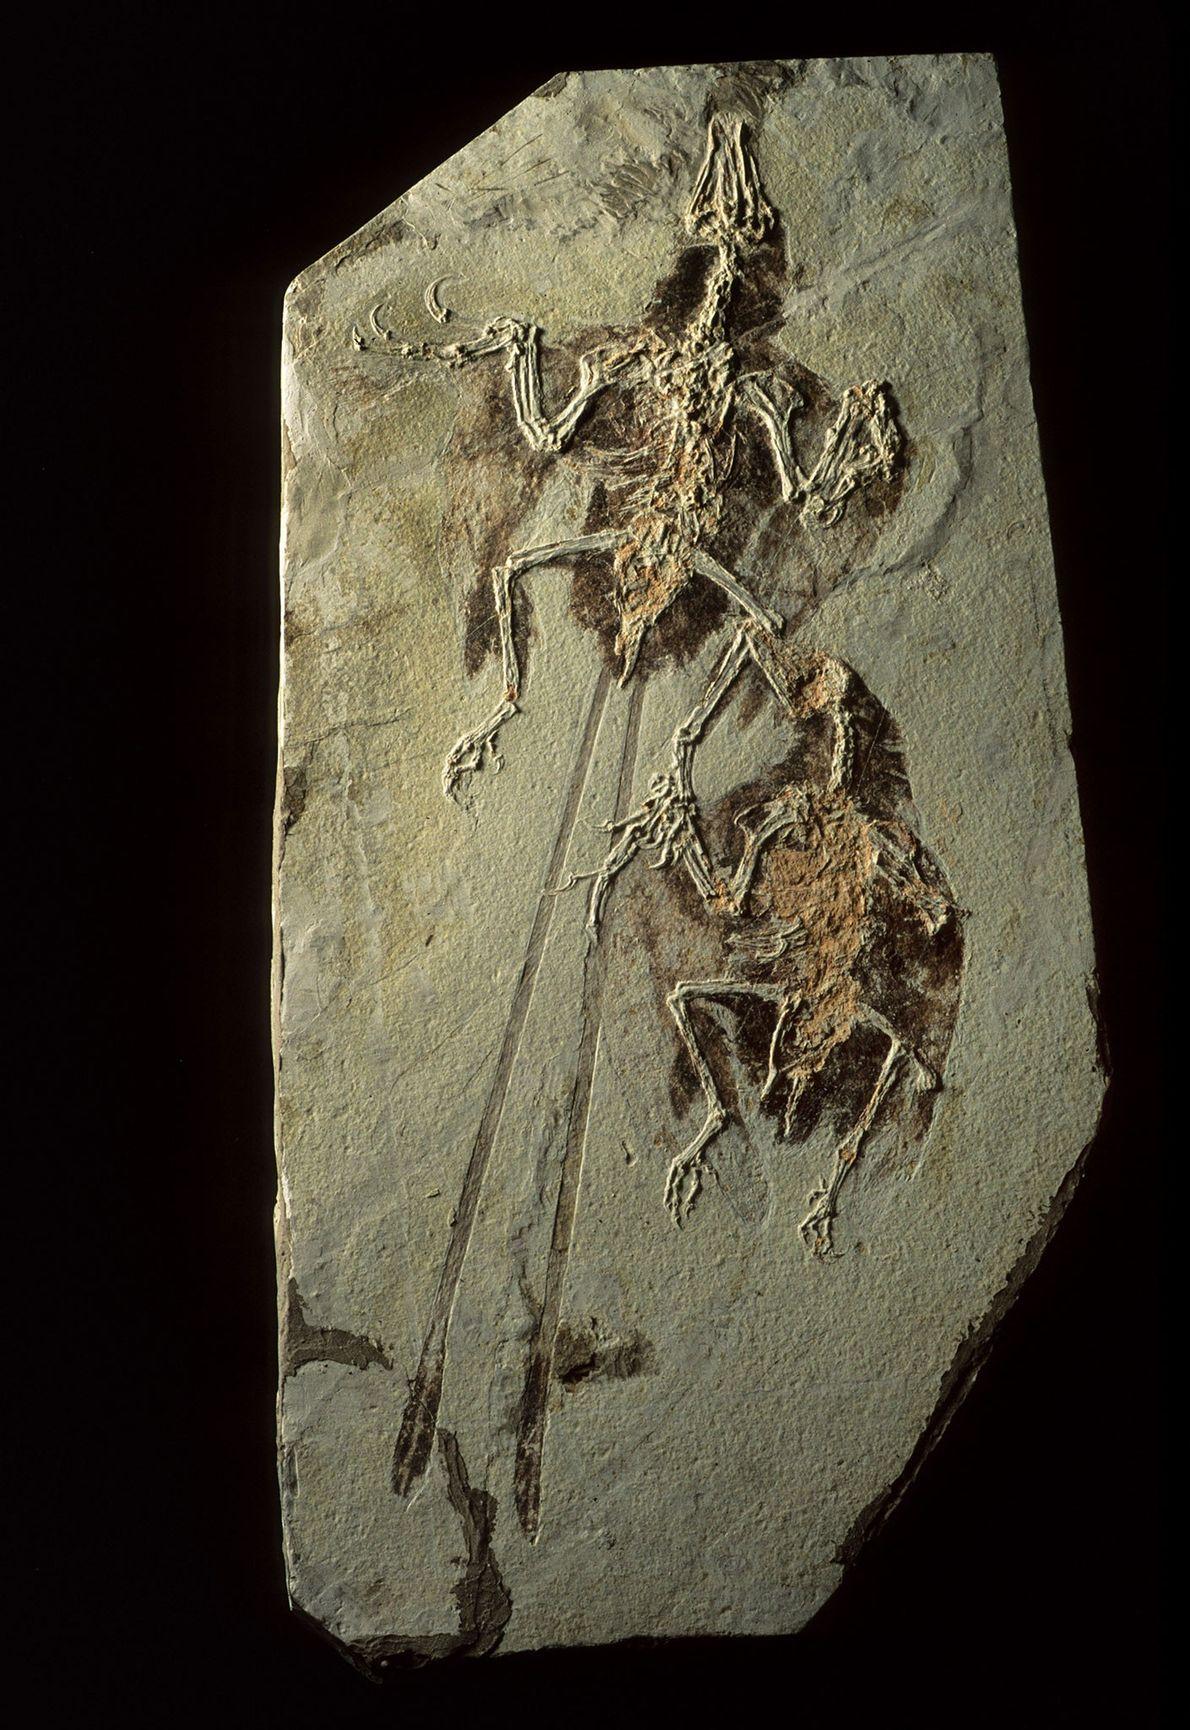 Os depósitos fósseis de Liaoning, na China, não só preservam dinossauros, mas também os primeiros pássaros, ...